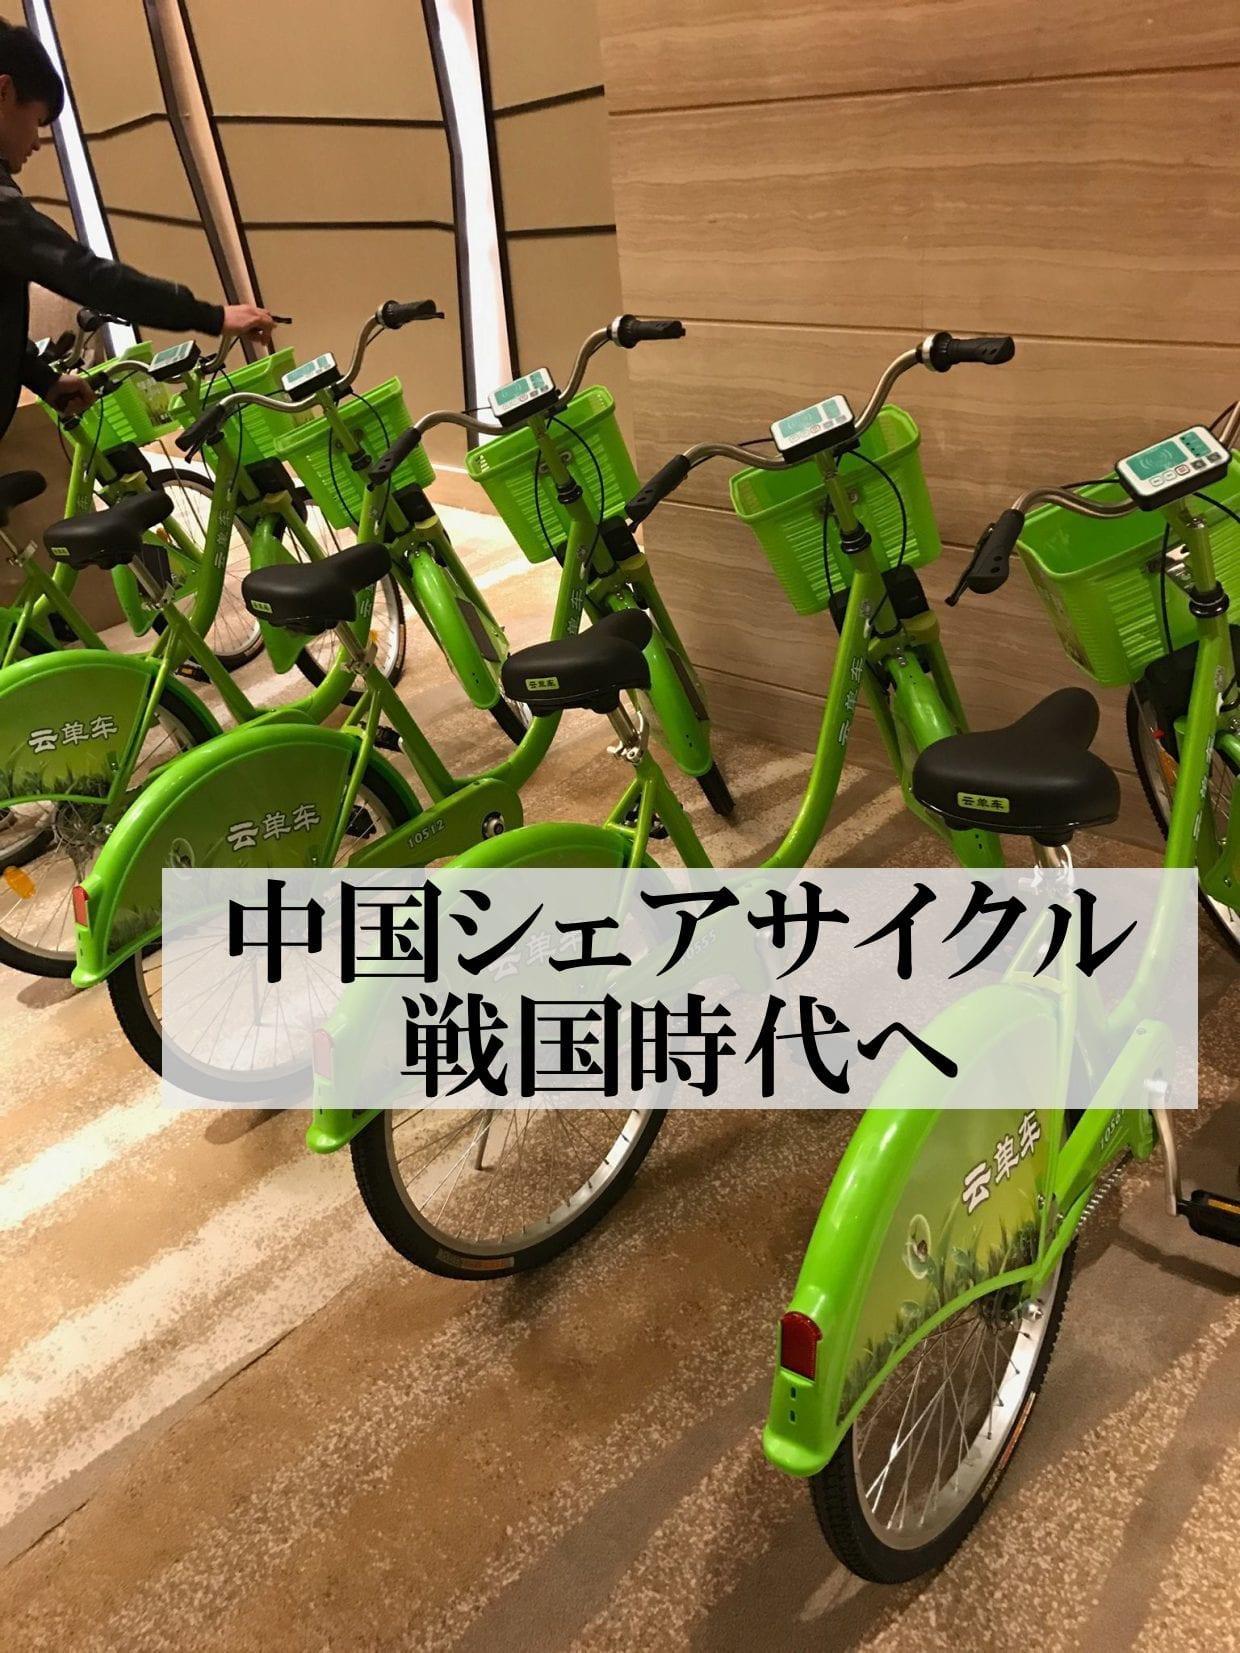 勢いが止まらない中国シェアサイクル